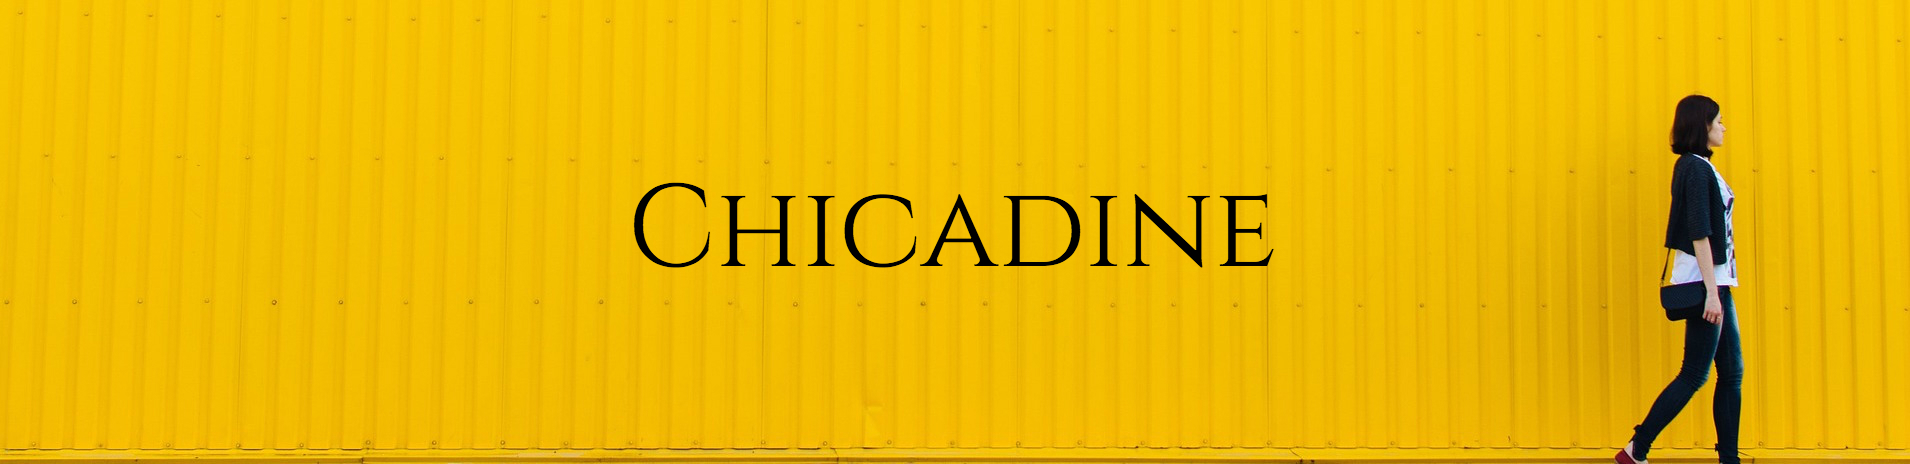 Chicadine